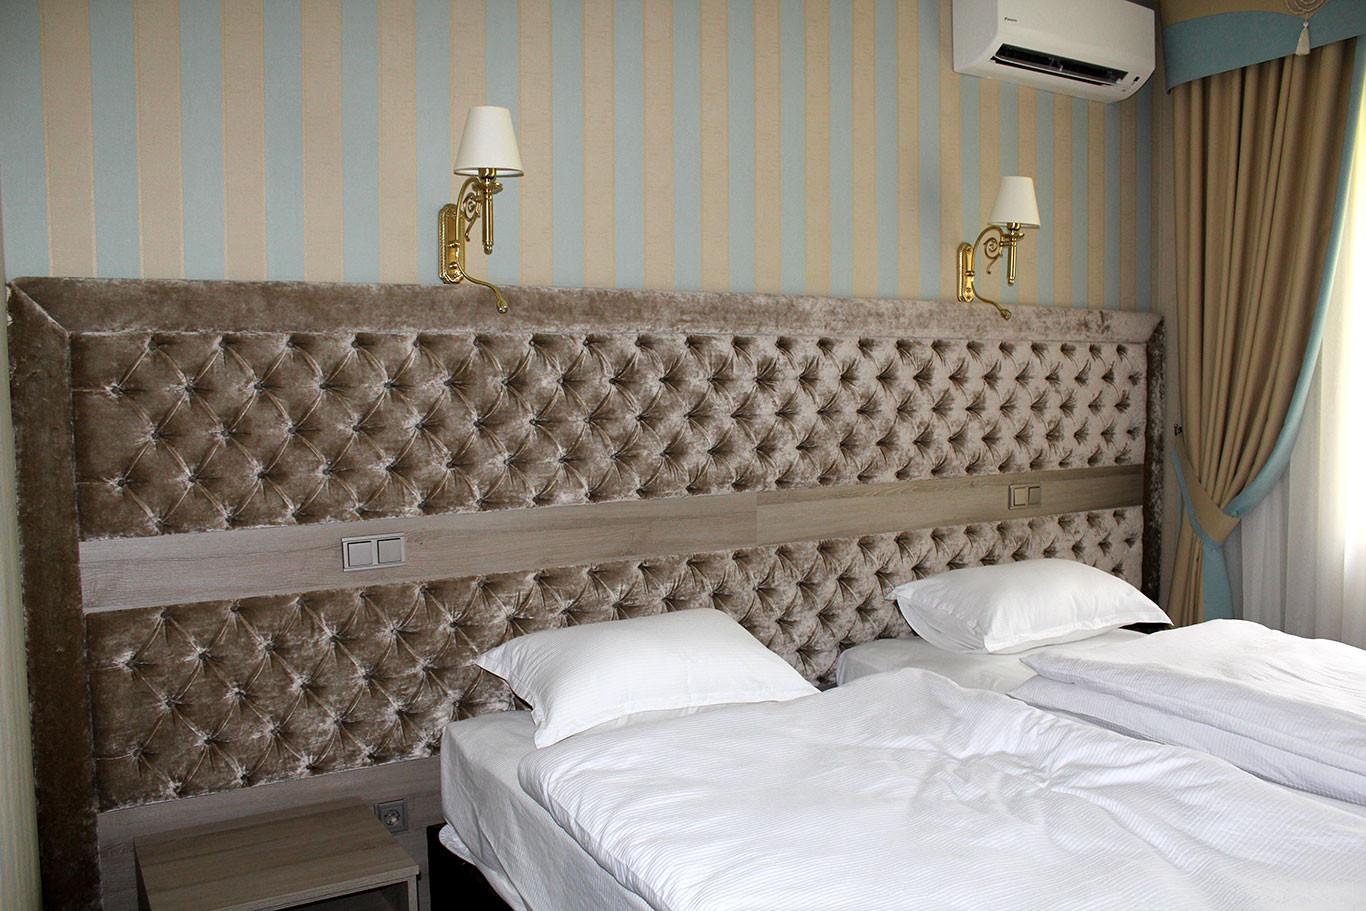 hotel-camelot-11.jpg